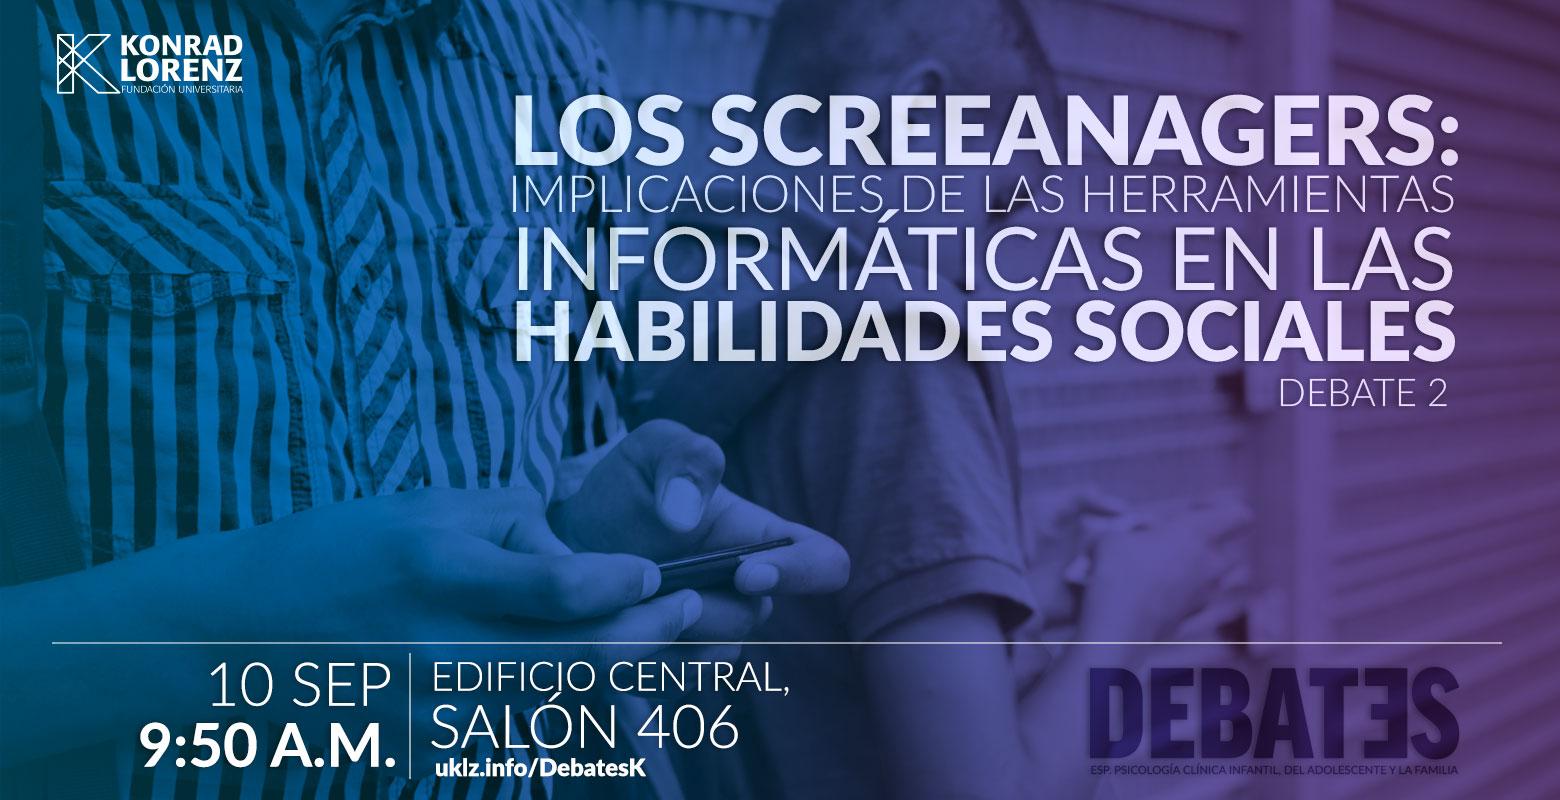 Debate: Los Screeanagers, implicaciones de las herramientas informáticas en las habilidades sociales